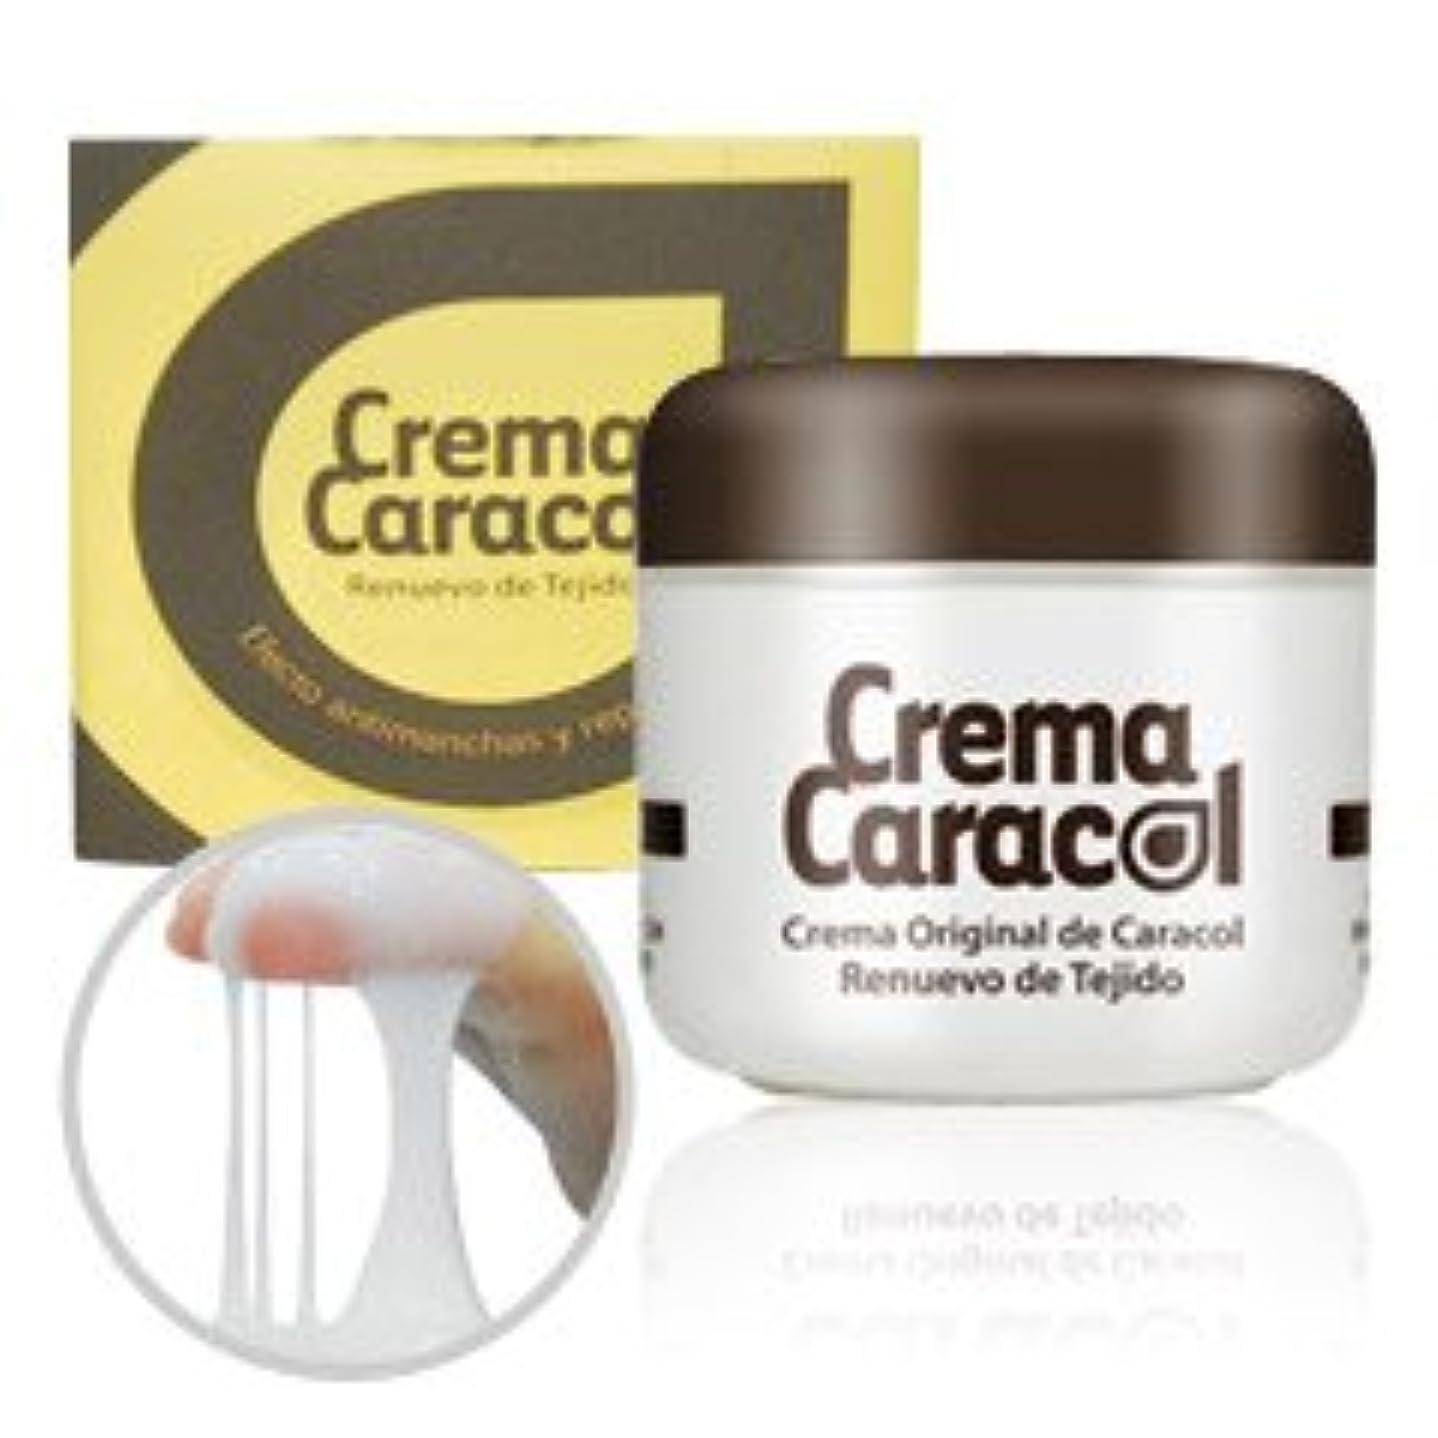 いくつかの手綱相談crema caracol(カラコール) かたつむりクリーム 3個セット